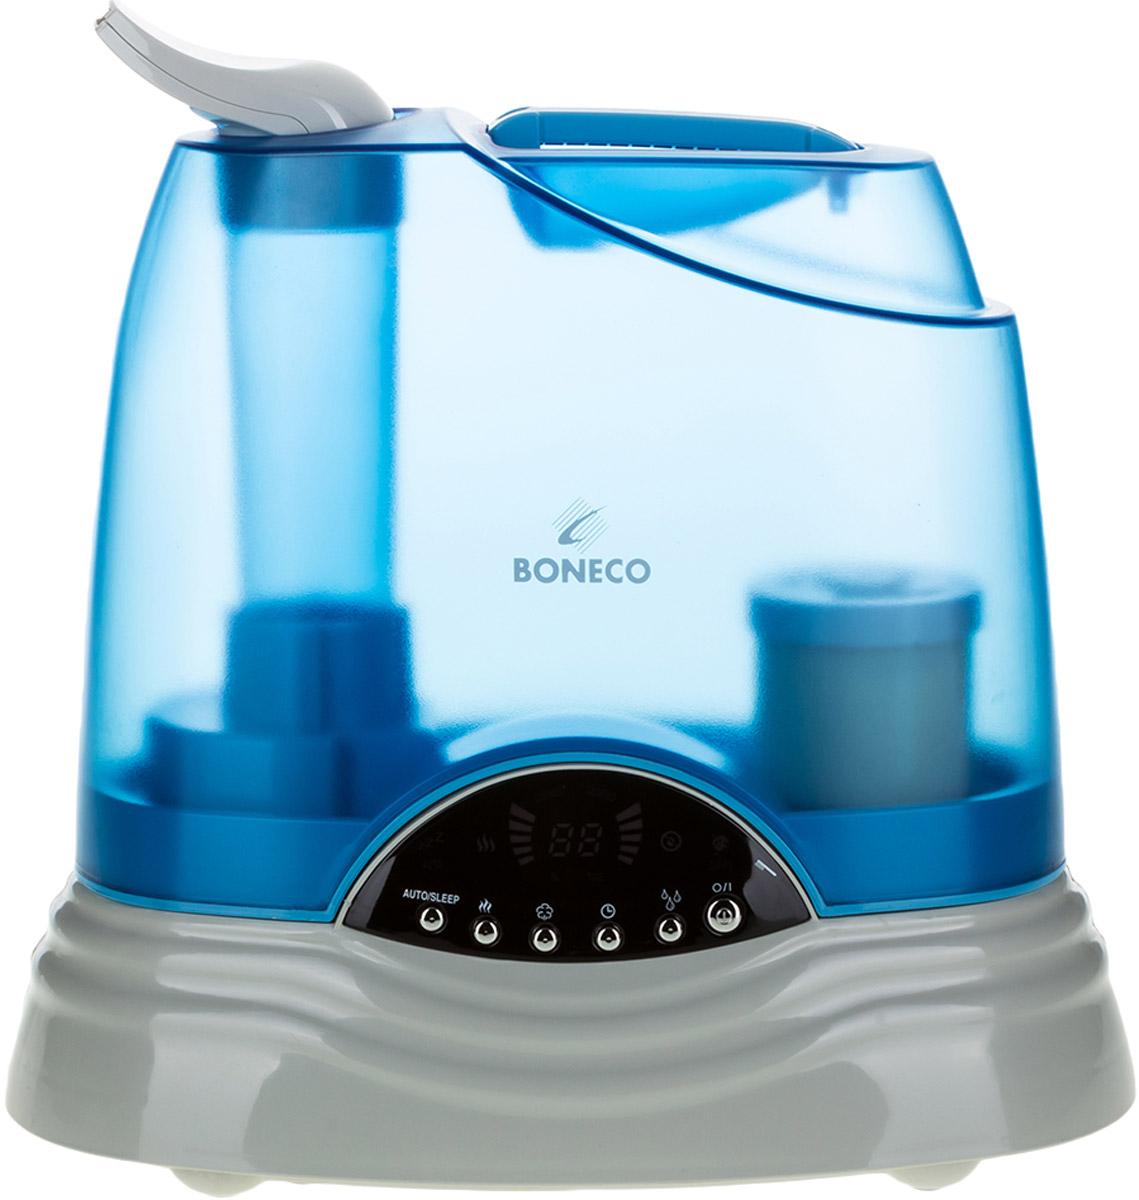 Boneco U7135 ультразвуковой увлажнитель воздуха